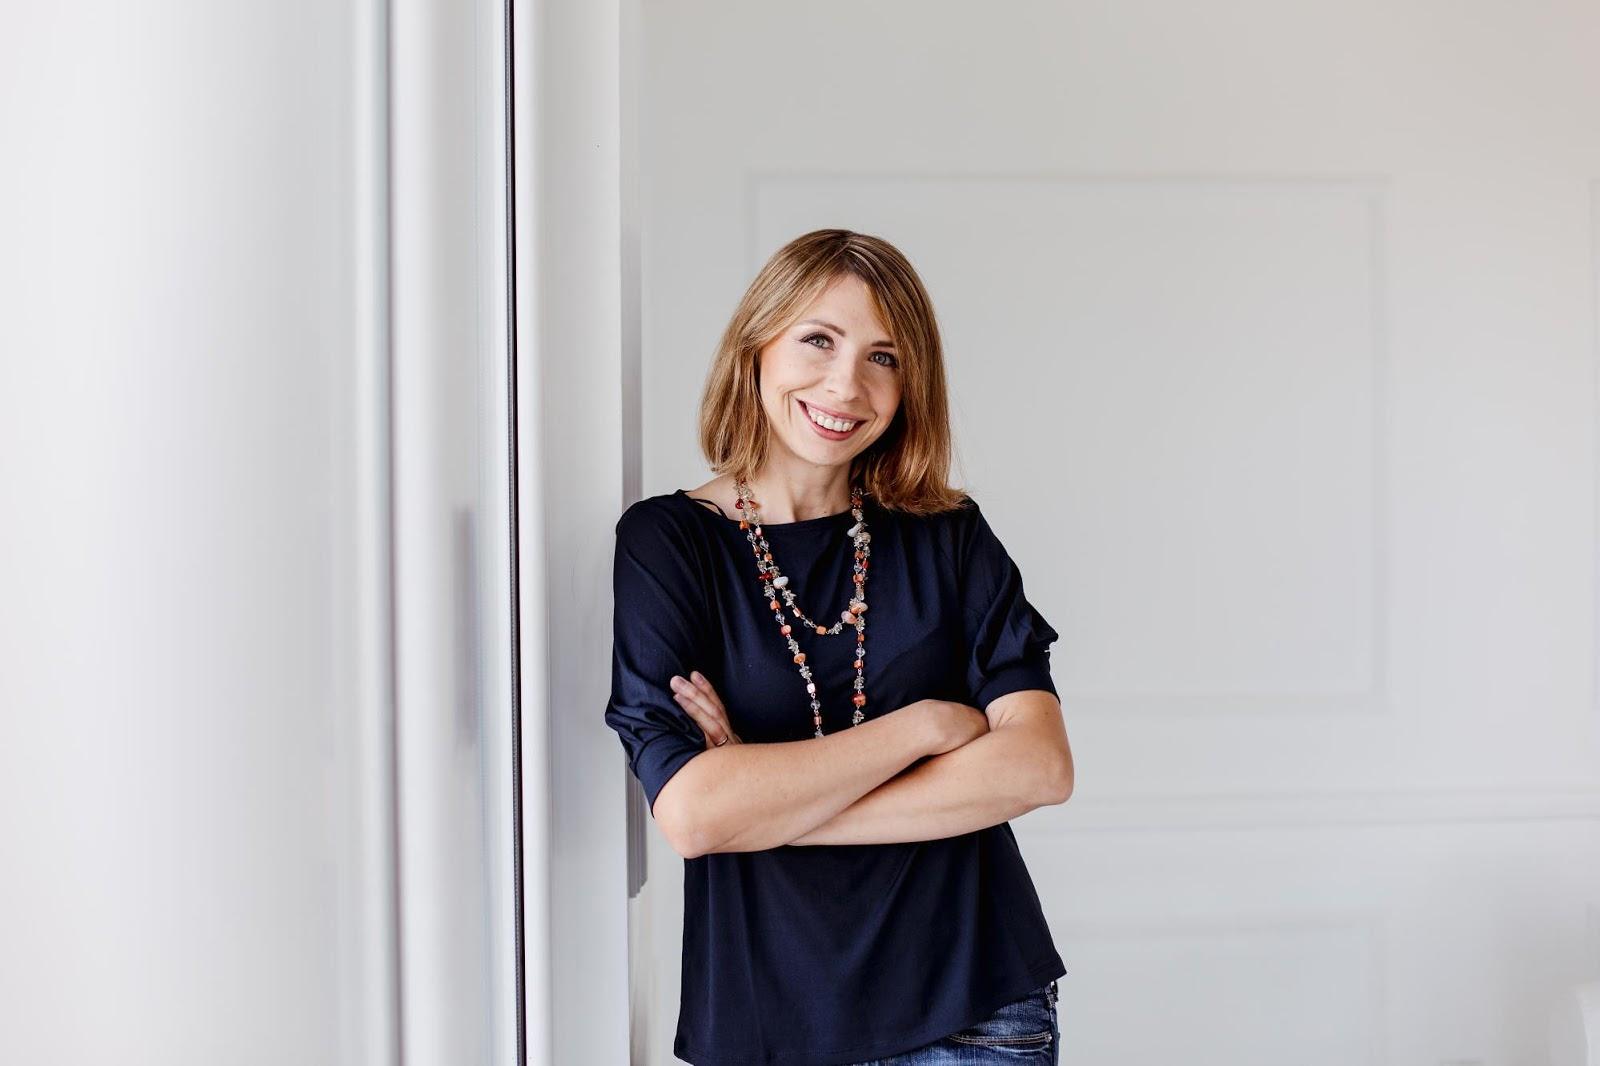 Macierzyństwo bez ściemy #2 wywiad z Katarzyną Wierzbicką, autorką bloga Madka roku